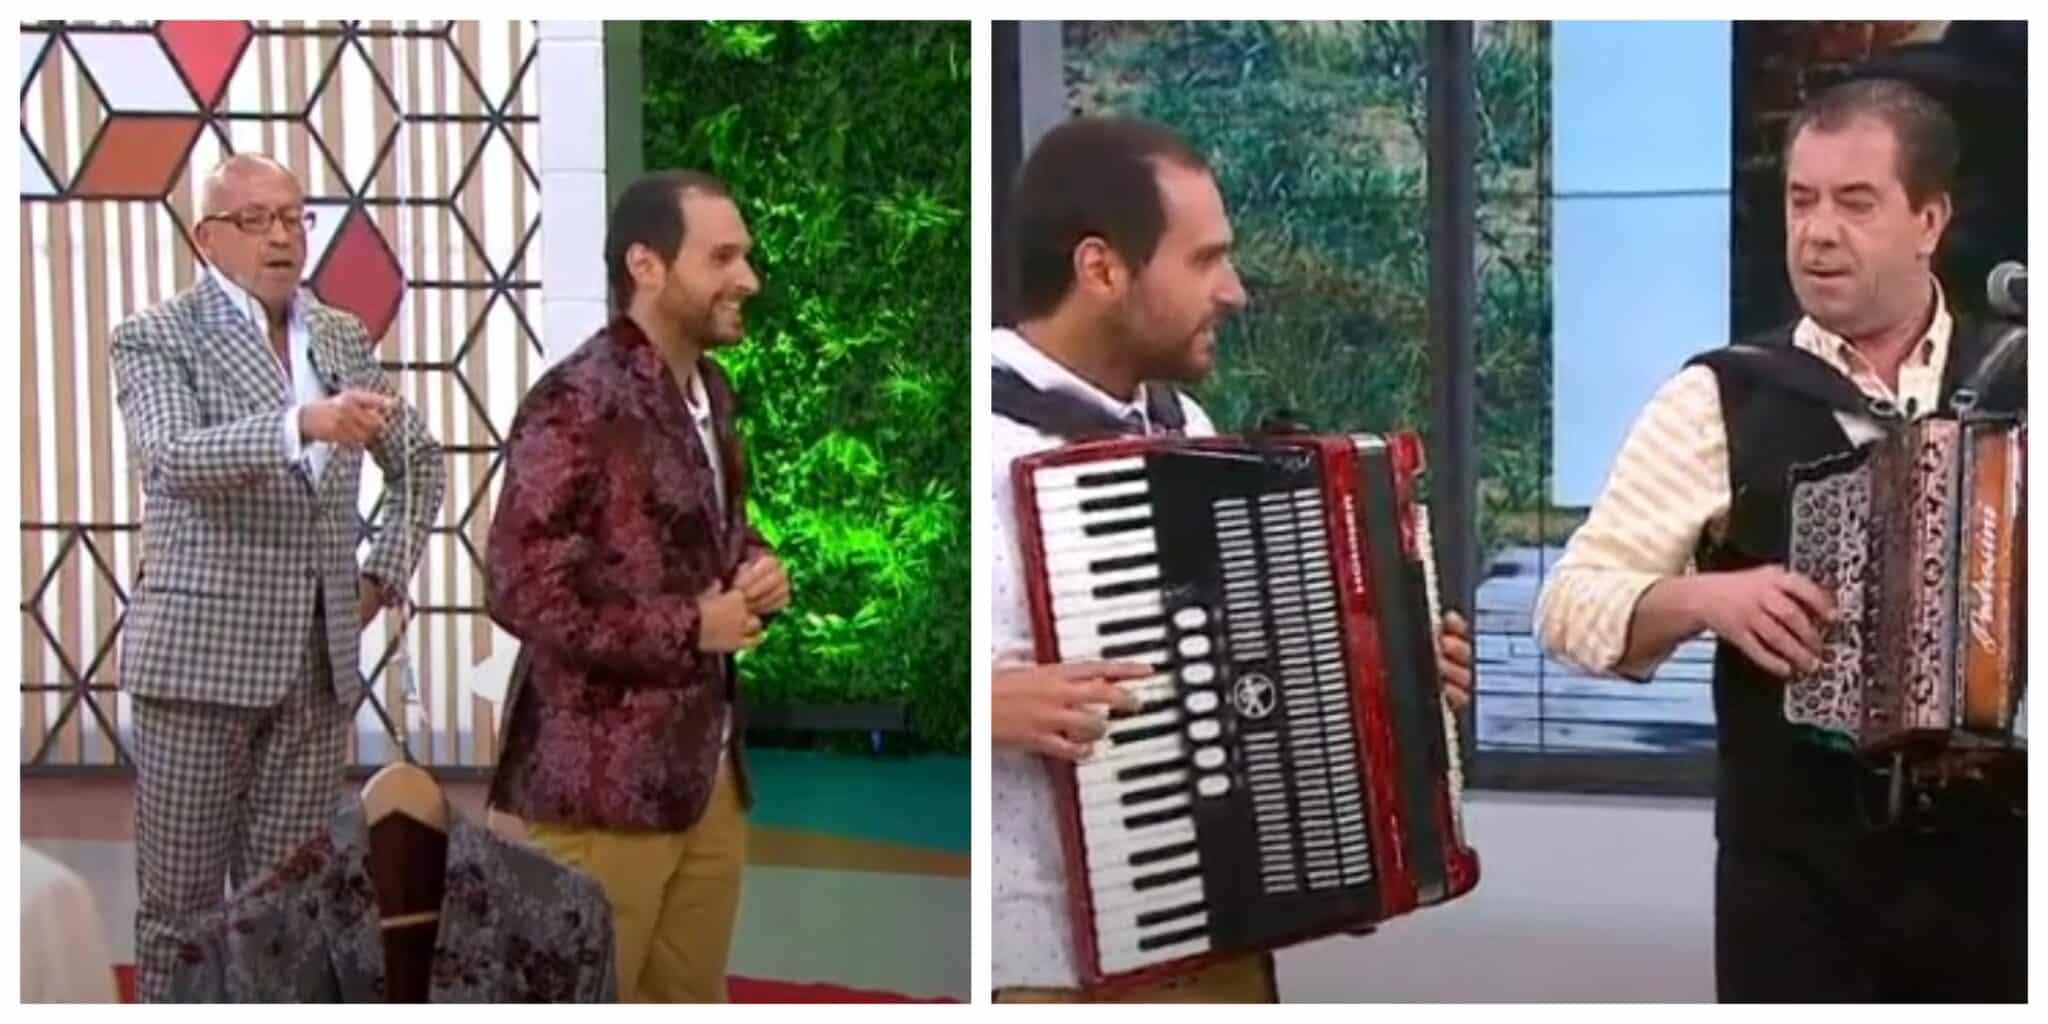 rui alves voce na tv scaled Rui Alves fica eufórico ao ver dois sonhos seus serem realizados no 'Você na TV!'